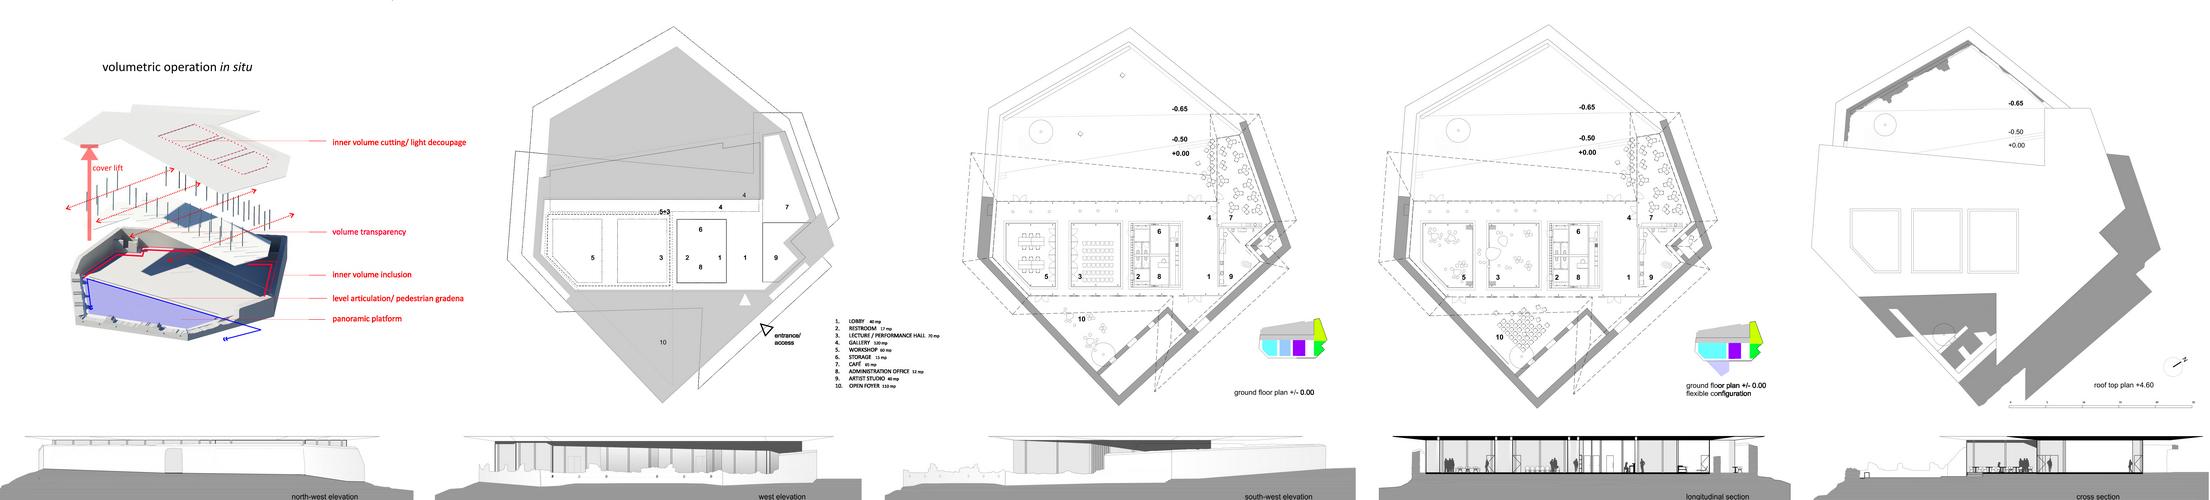 crisan_architecture_porto_22